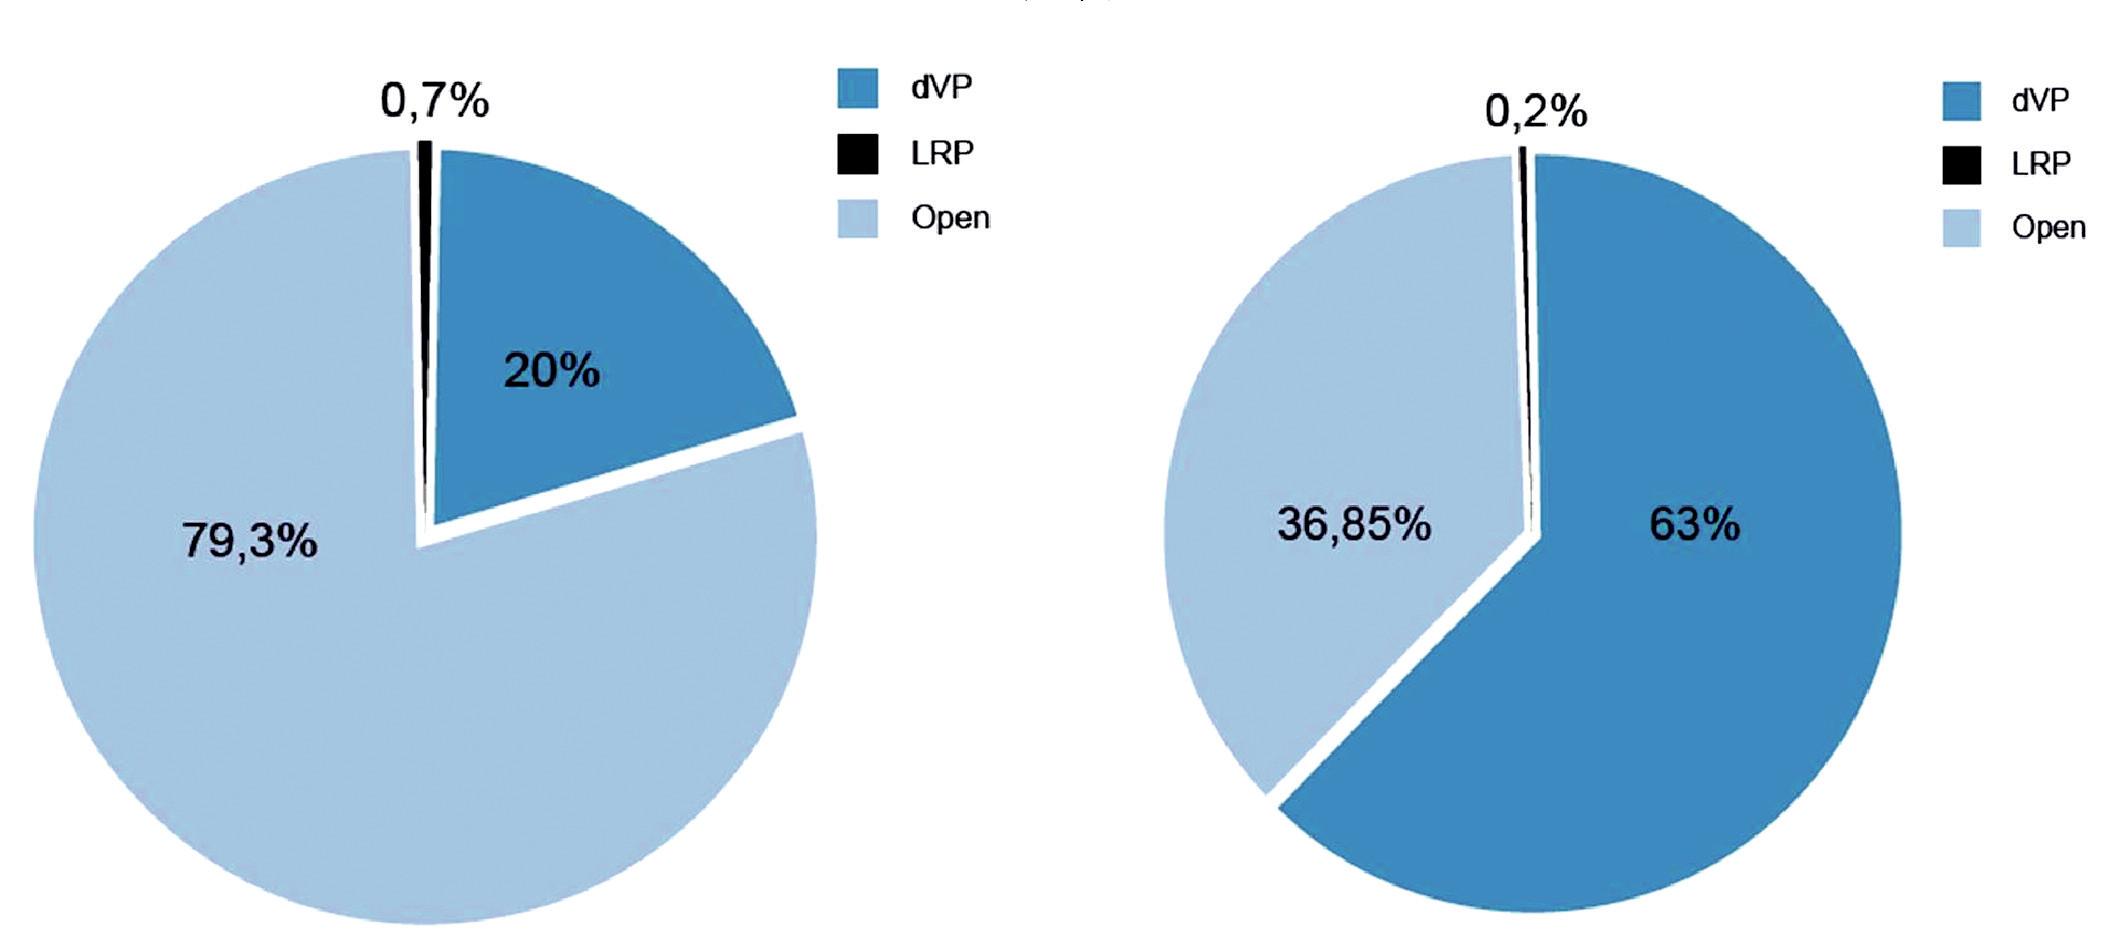 Obr. 7A, B. Vývoj situace v USA za rok 2005 a 2007, hodnotící procento provedených radikálních prostatektomií (RP) pro karcinom prostaty jednotlivými operačními technikami  Vývoj situace v USA provedených radikálních prostatektomií (dVP= robotická RP, LRP= laparoskopická RP, Open= otevřená RP) uvedených letech potvrzuje dramatickou změnu ve změně operační techniky ve prospěch roboticky asistovaného výkonu. Extrémní náročnost radikální prostatektomie je příčinou proč zůstává konvenční laparoskopická radikální prostatektomie standardně prováděná pouze na menším počtu pracovišť a pro menší počet nemocných, jak ukazuje tento graf , kdy pouze 0,7 % bylo provedeno v USA laparoskopicky v r. 2005. Roboticky je v USA prováděno v souãasnosti již více než 60 % všech radikálních prostatektomií. Během pouhých 2 let se robotická daVinci<sup>®</sup> radikální prostatektomie v USA a řadě dalších zemí stala novým zlatým standardem operační léčby CaP a v současnosti je již takto léčena většina nemocných.